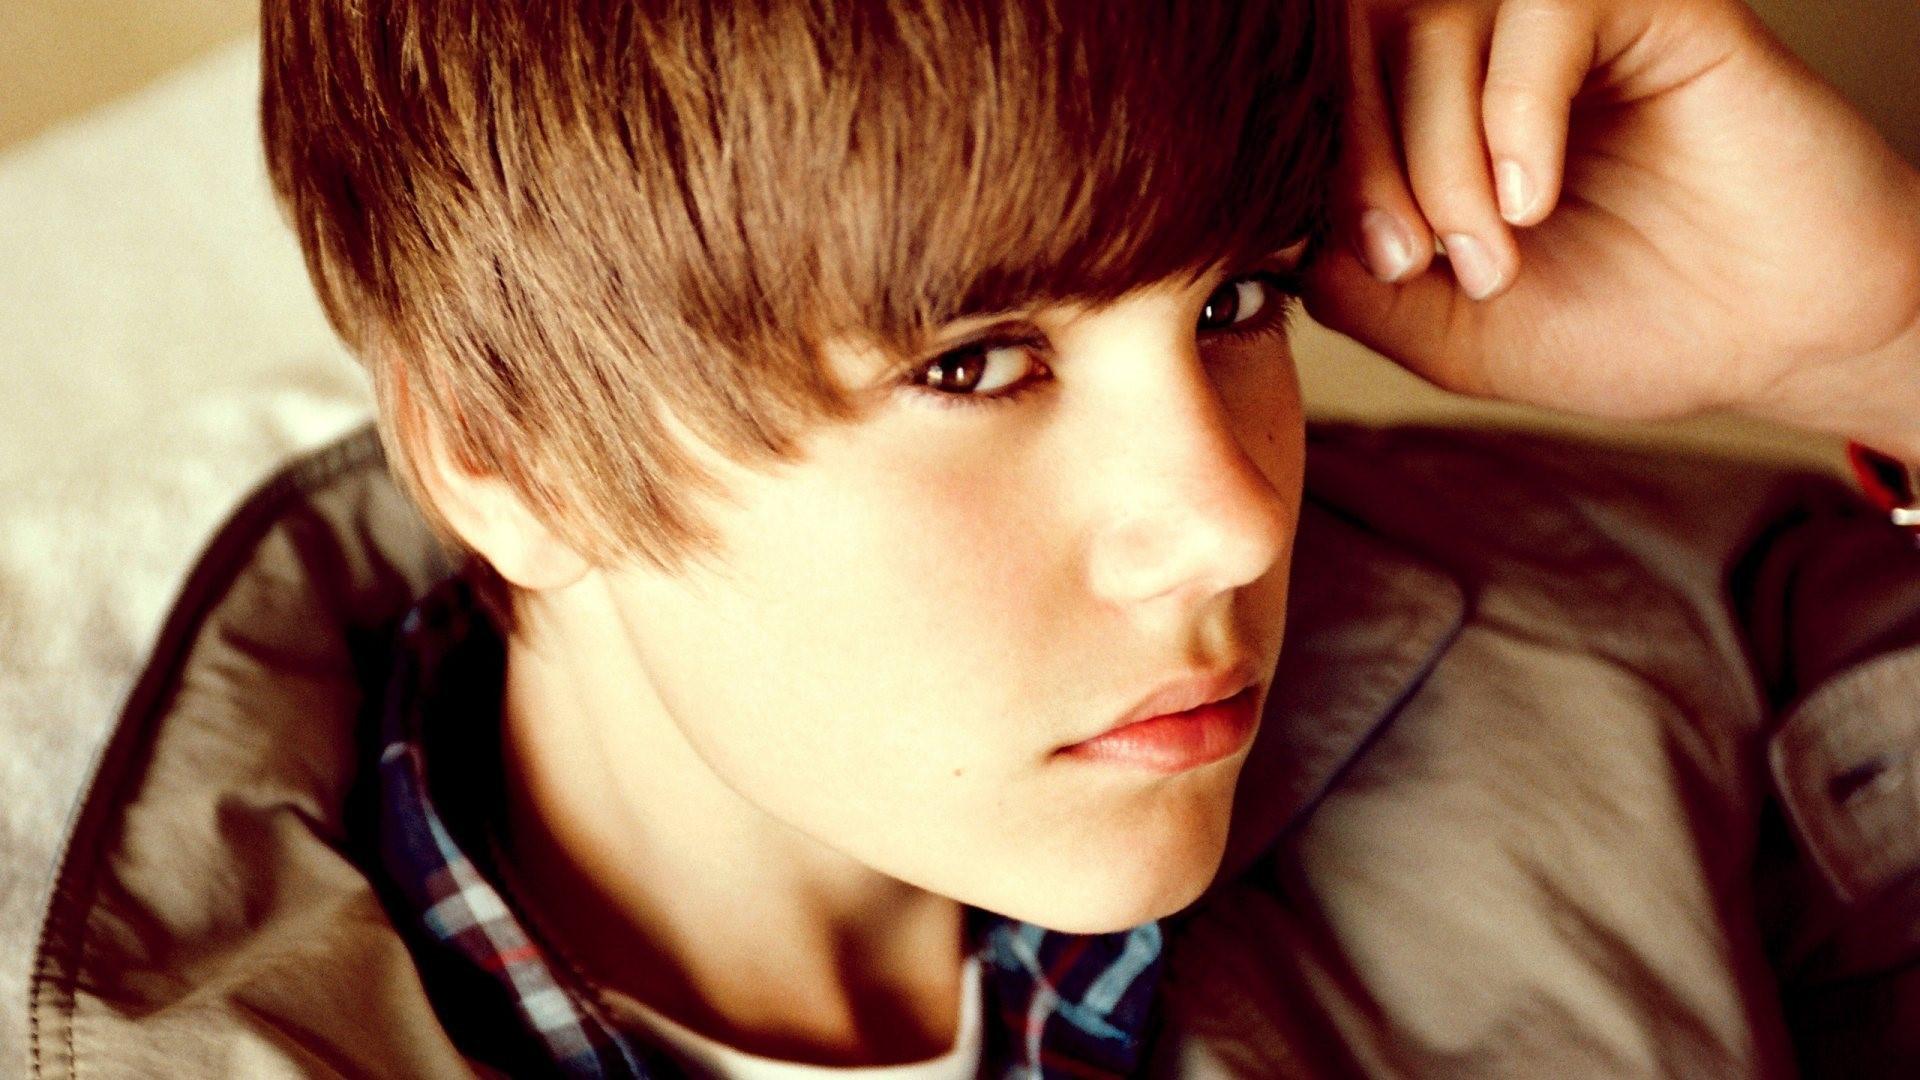 Justin Bieber images